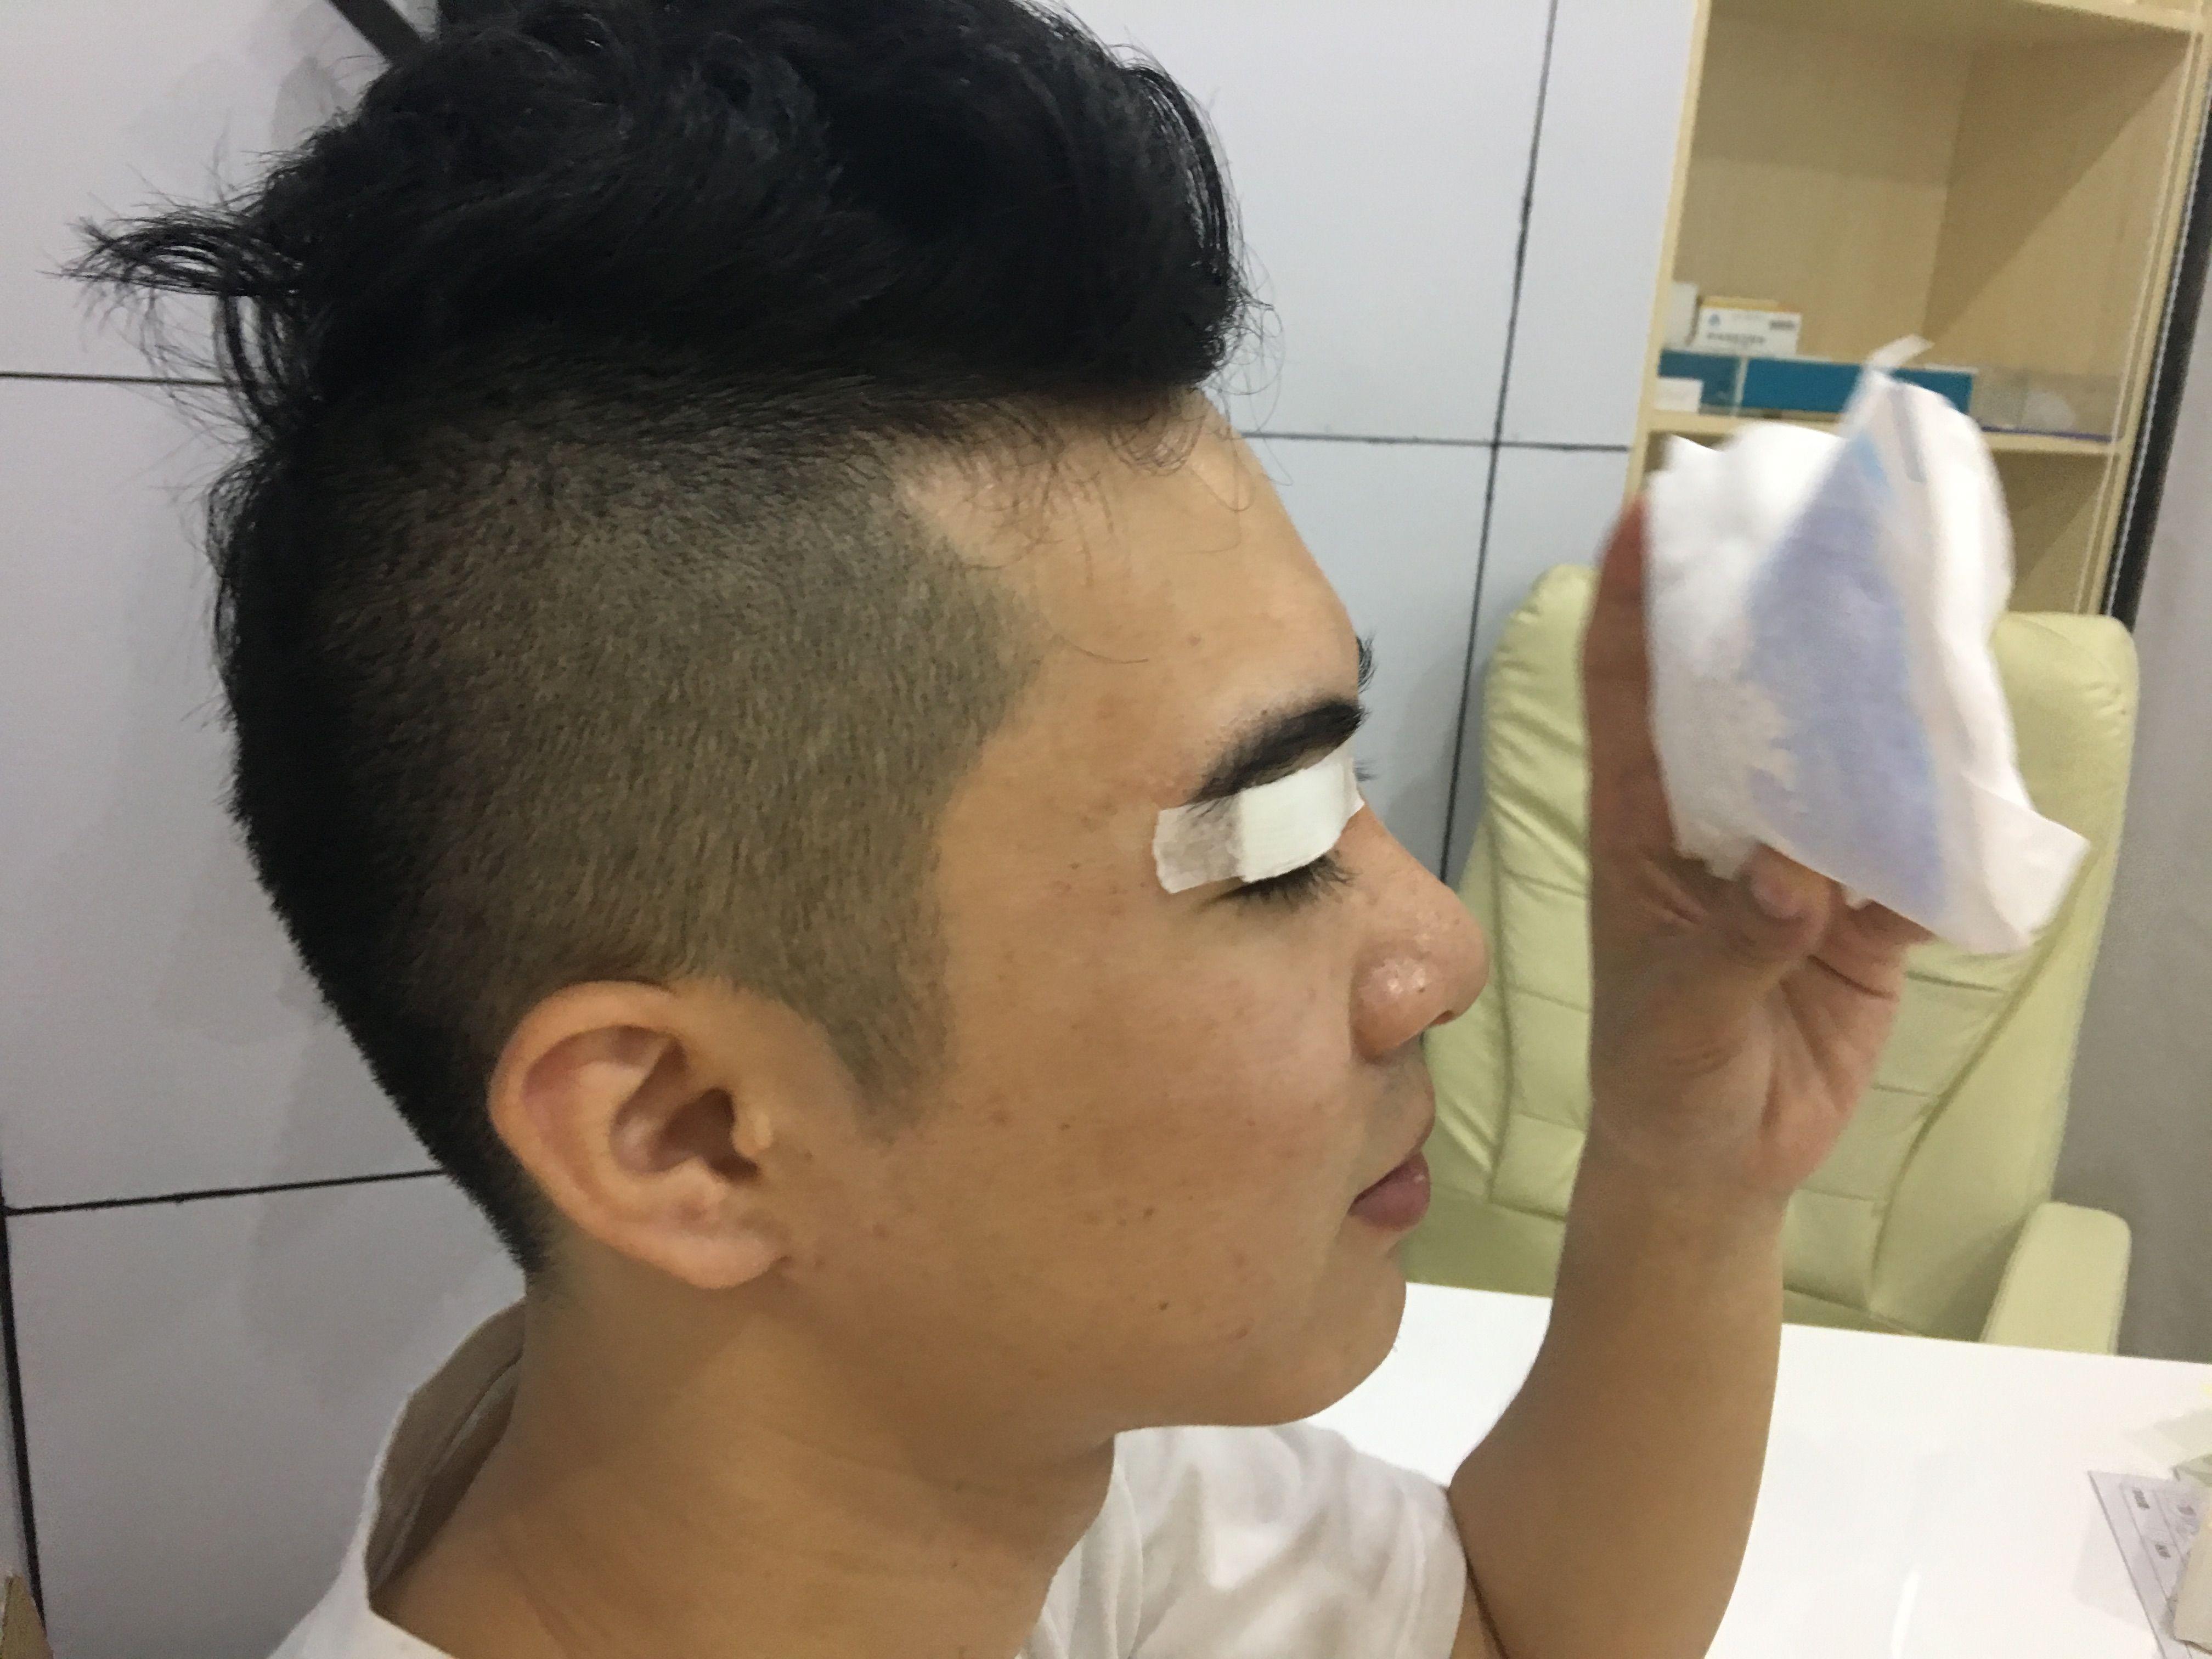 一直想做双眼皮,对比了很多家,最后选的广州飞悦医院,朋友之前也是在这里做的,效果蛮好,技术真心不错,所以在咨询了一段时间后终于鼓起勇气躺上了手术台。 其实做之前我的眼睛并不小,肿眼泡,一只内双一只外双,像没睡饱似的。手术过程十分顺利,不到小时就完成了,完了之后刘院再三叮嘱我注意休息,注意饮食,前三天会肿的,然后慢慢消肿。院长开了消炎药,回家吃。